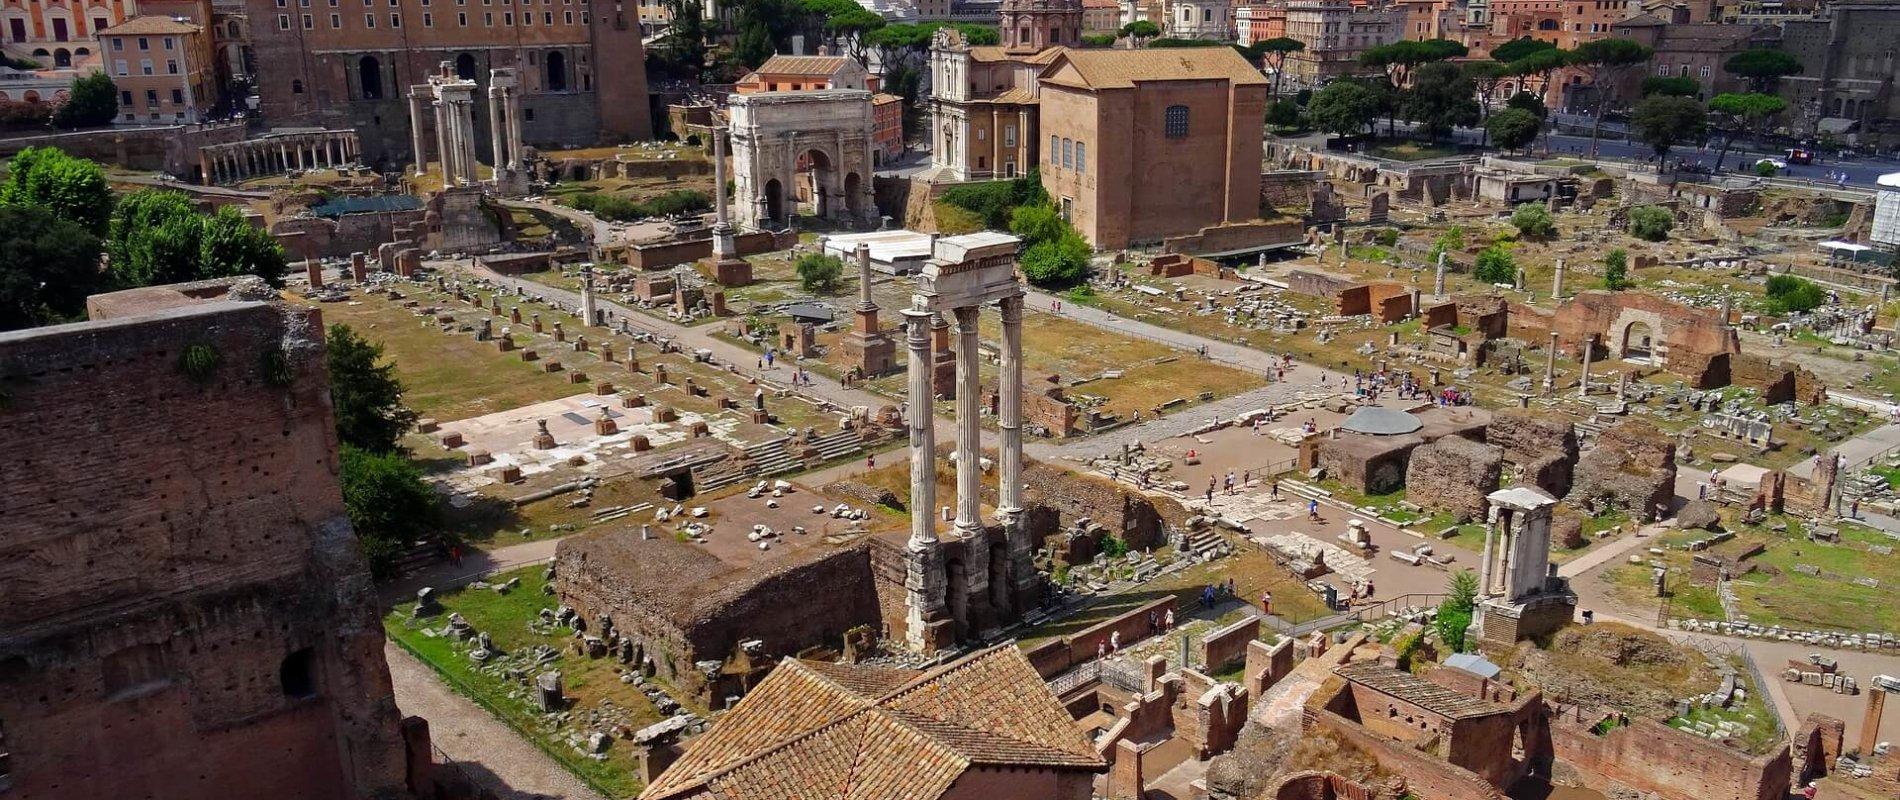 Walks of Italy Rome